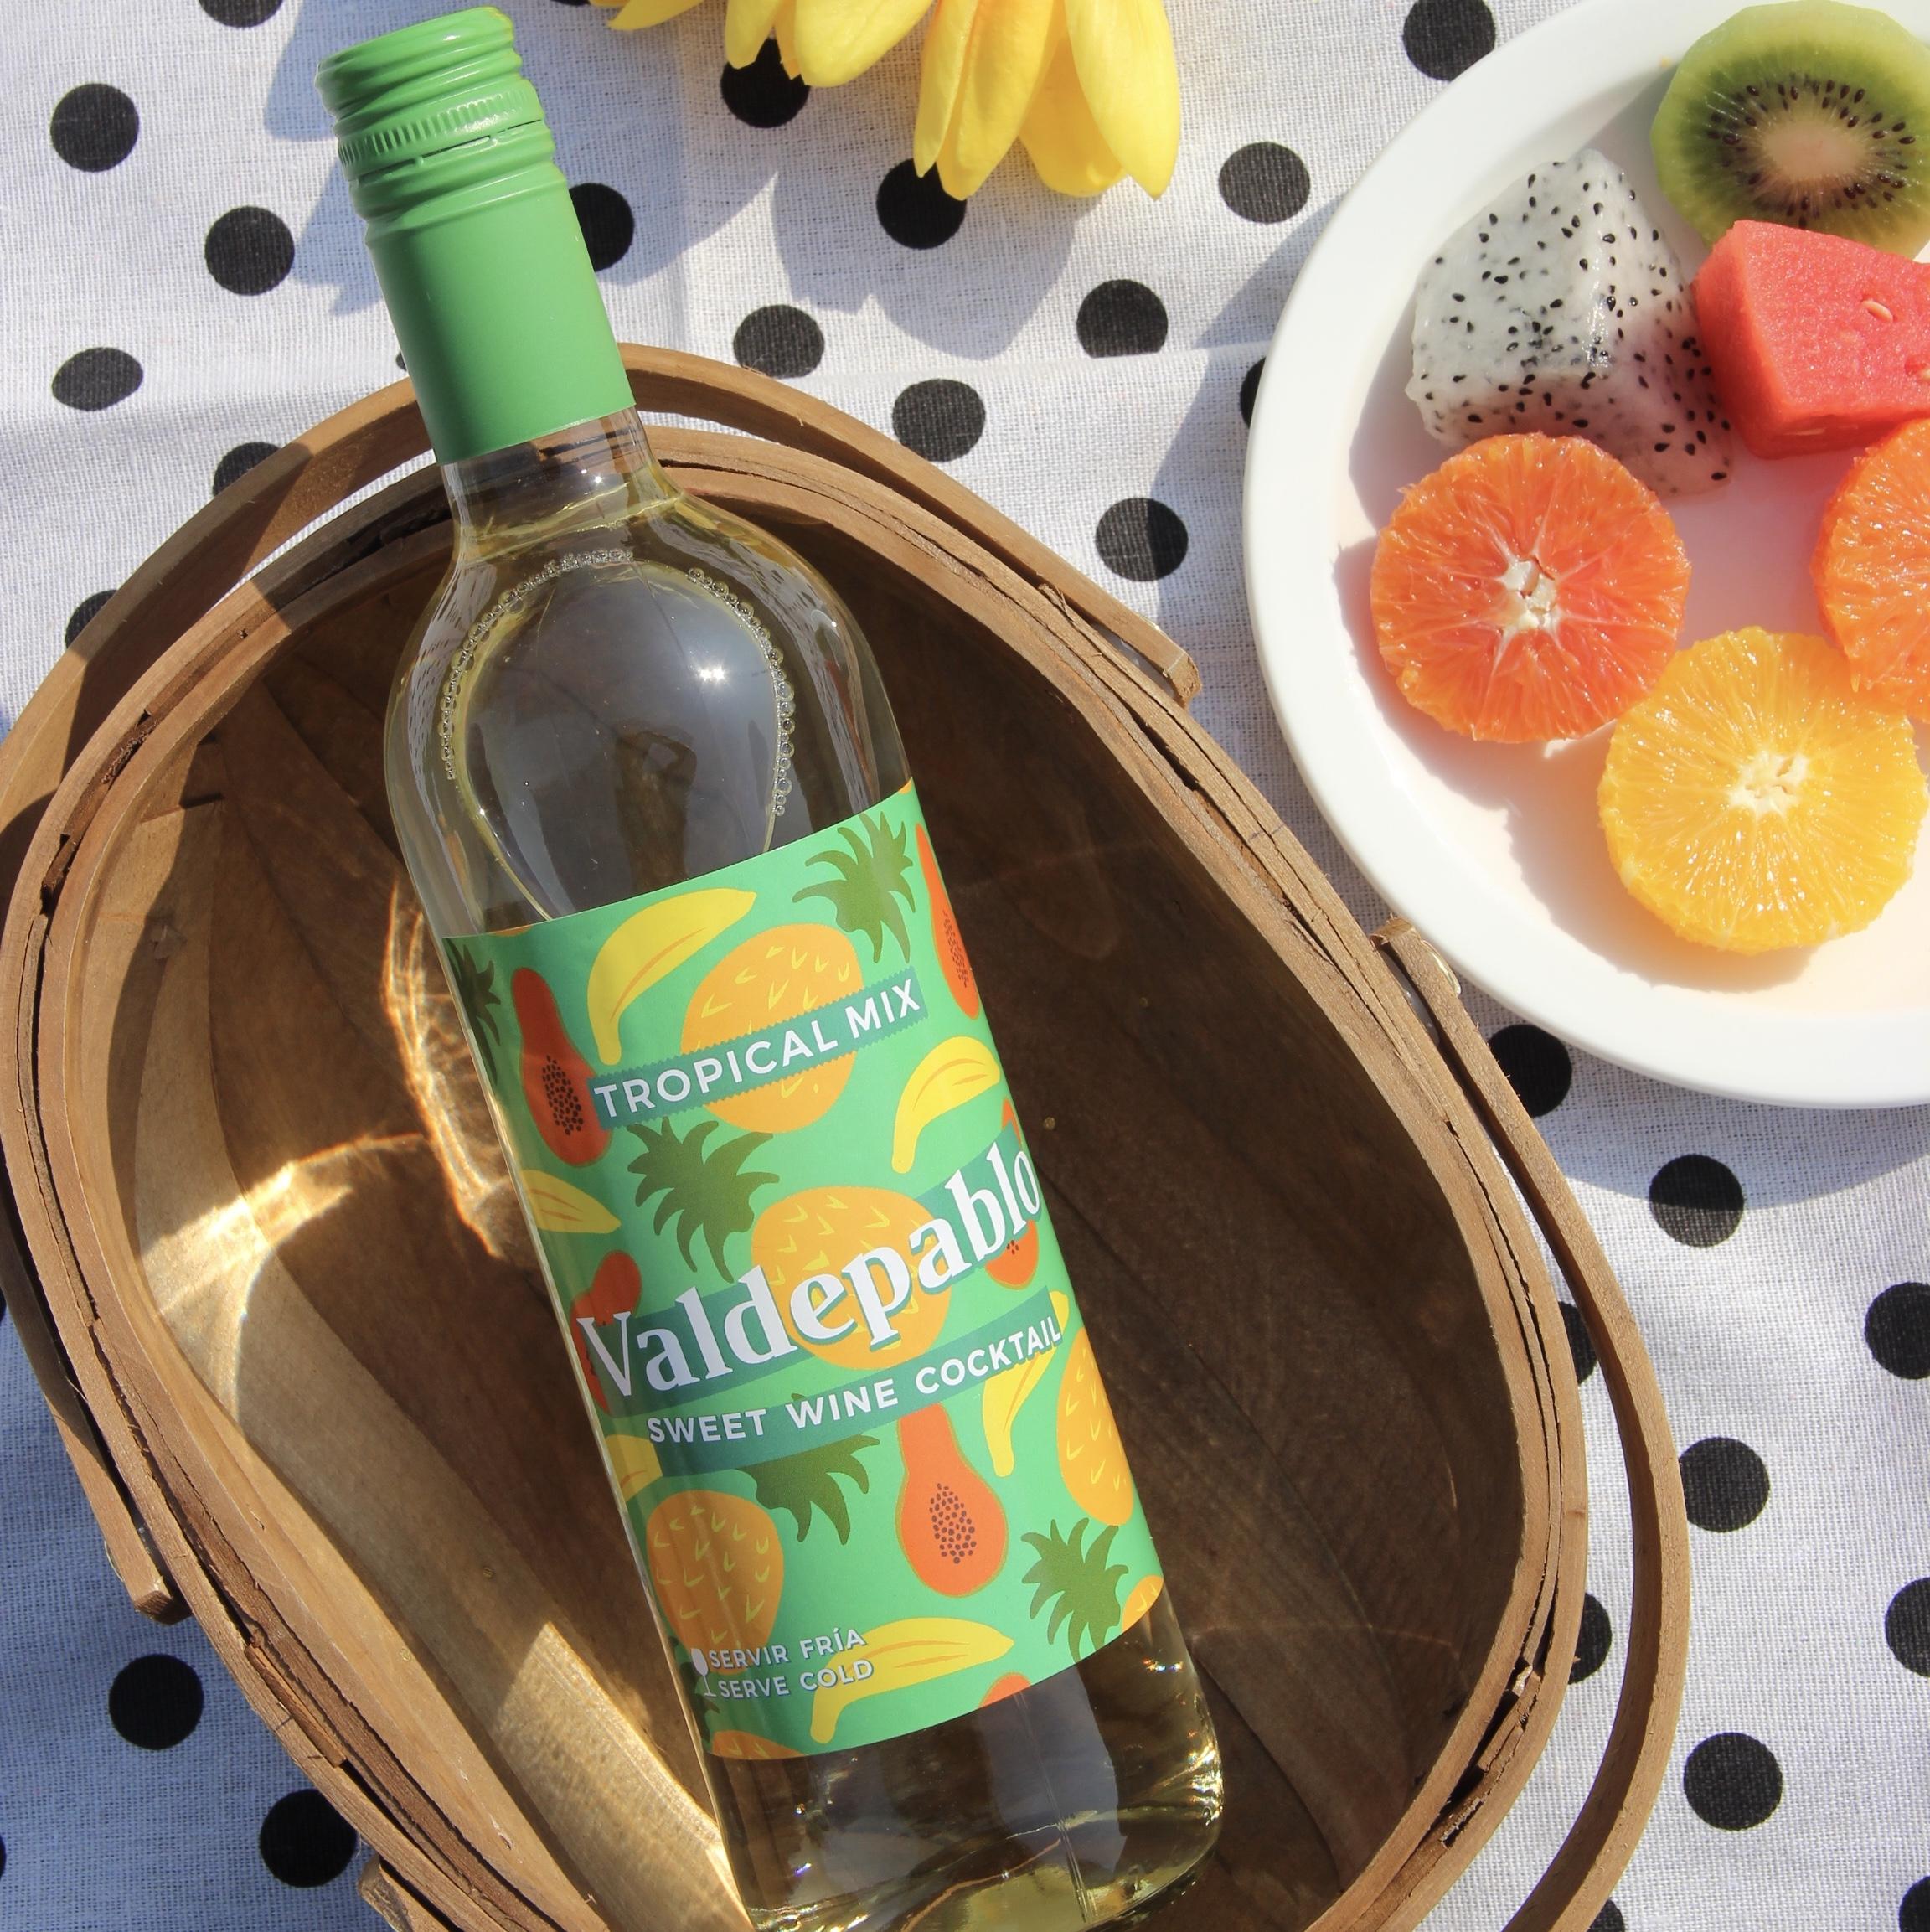 西班牙进口|热带甜心风暴甜型白葡萄鸡尾酒加冰加水果鸡尾酒